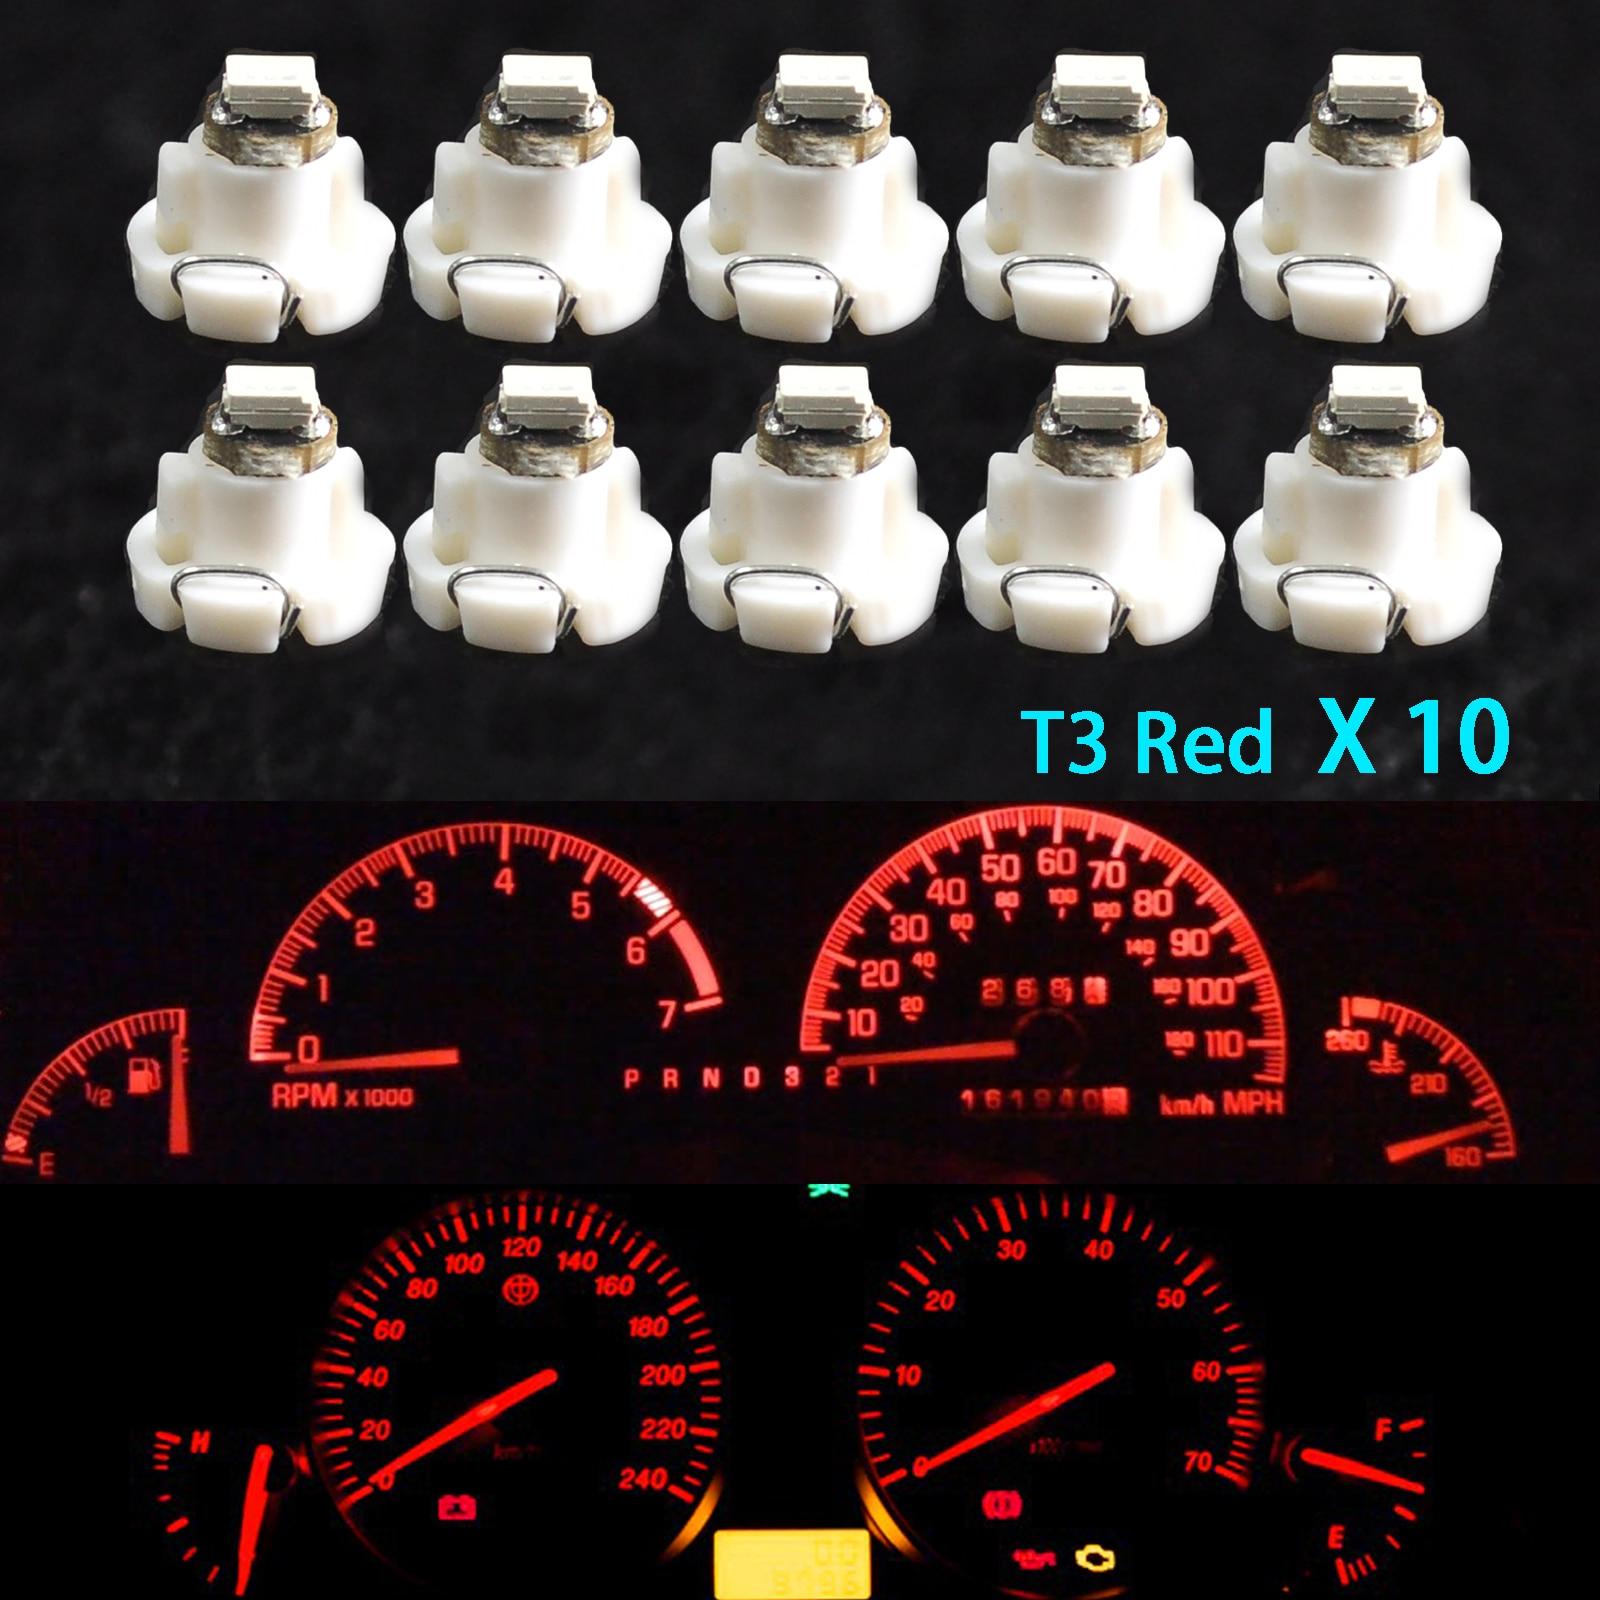 10-st-cke-Auto-Licht-T4-T4-2-Neo-Keil-Led-lampe-Cluster-Instrument-Dash-Klima Wunderbar Led Lampen Auto Innenraum Dekorationen